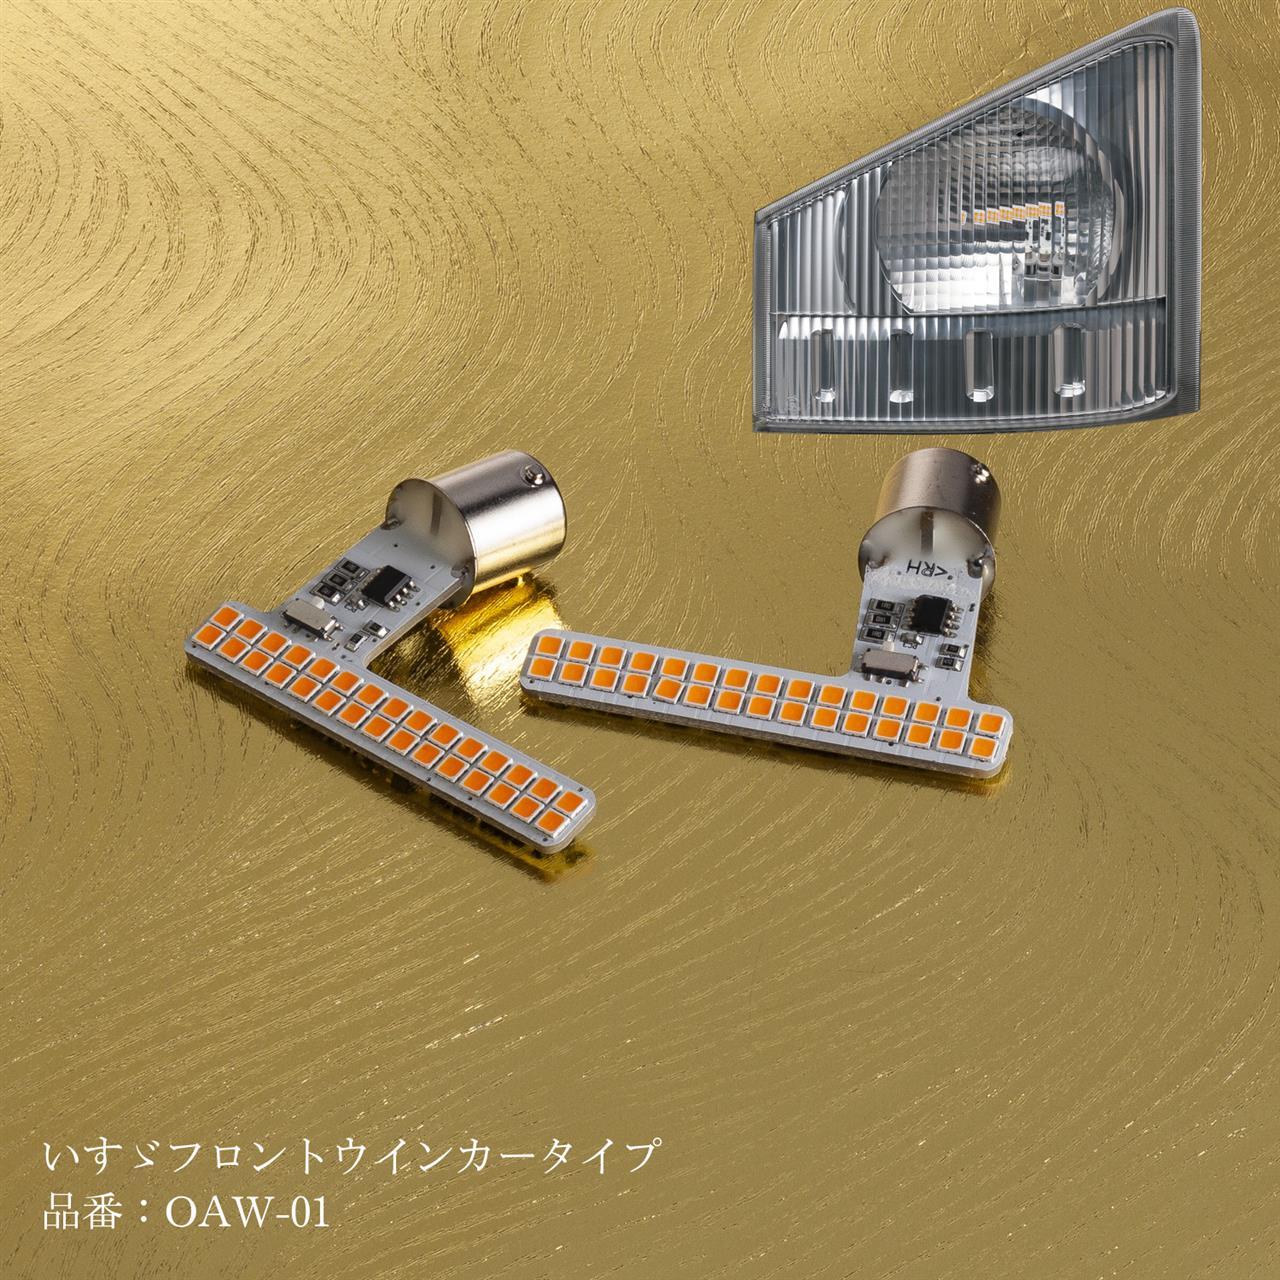 花魁 シーケンシャルウインカーバルブ  フロントウインカー いすゞ用(L/Rセット) OAW-01